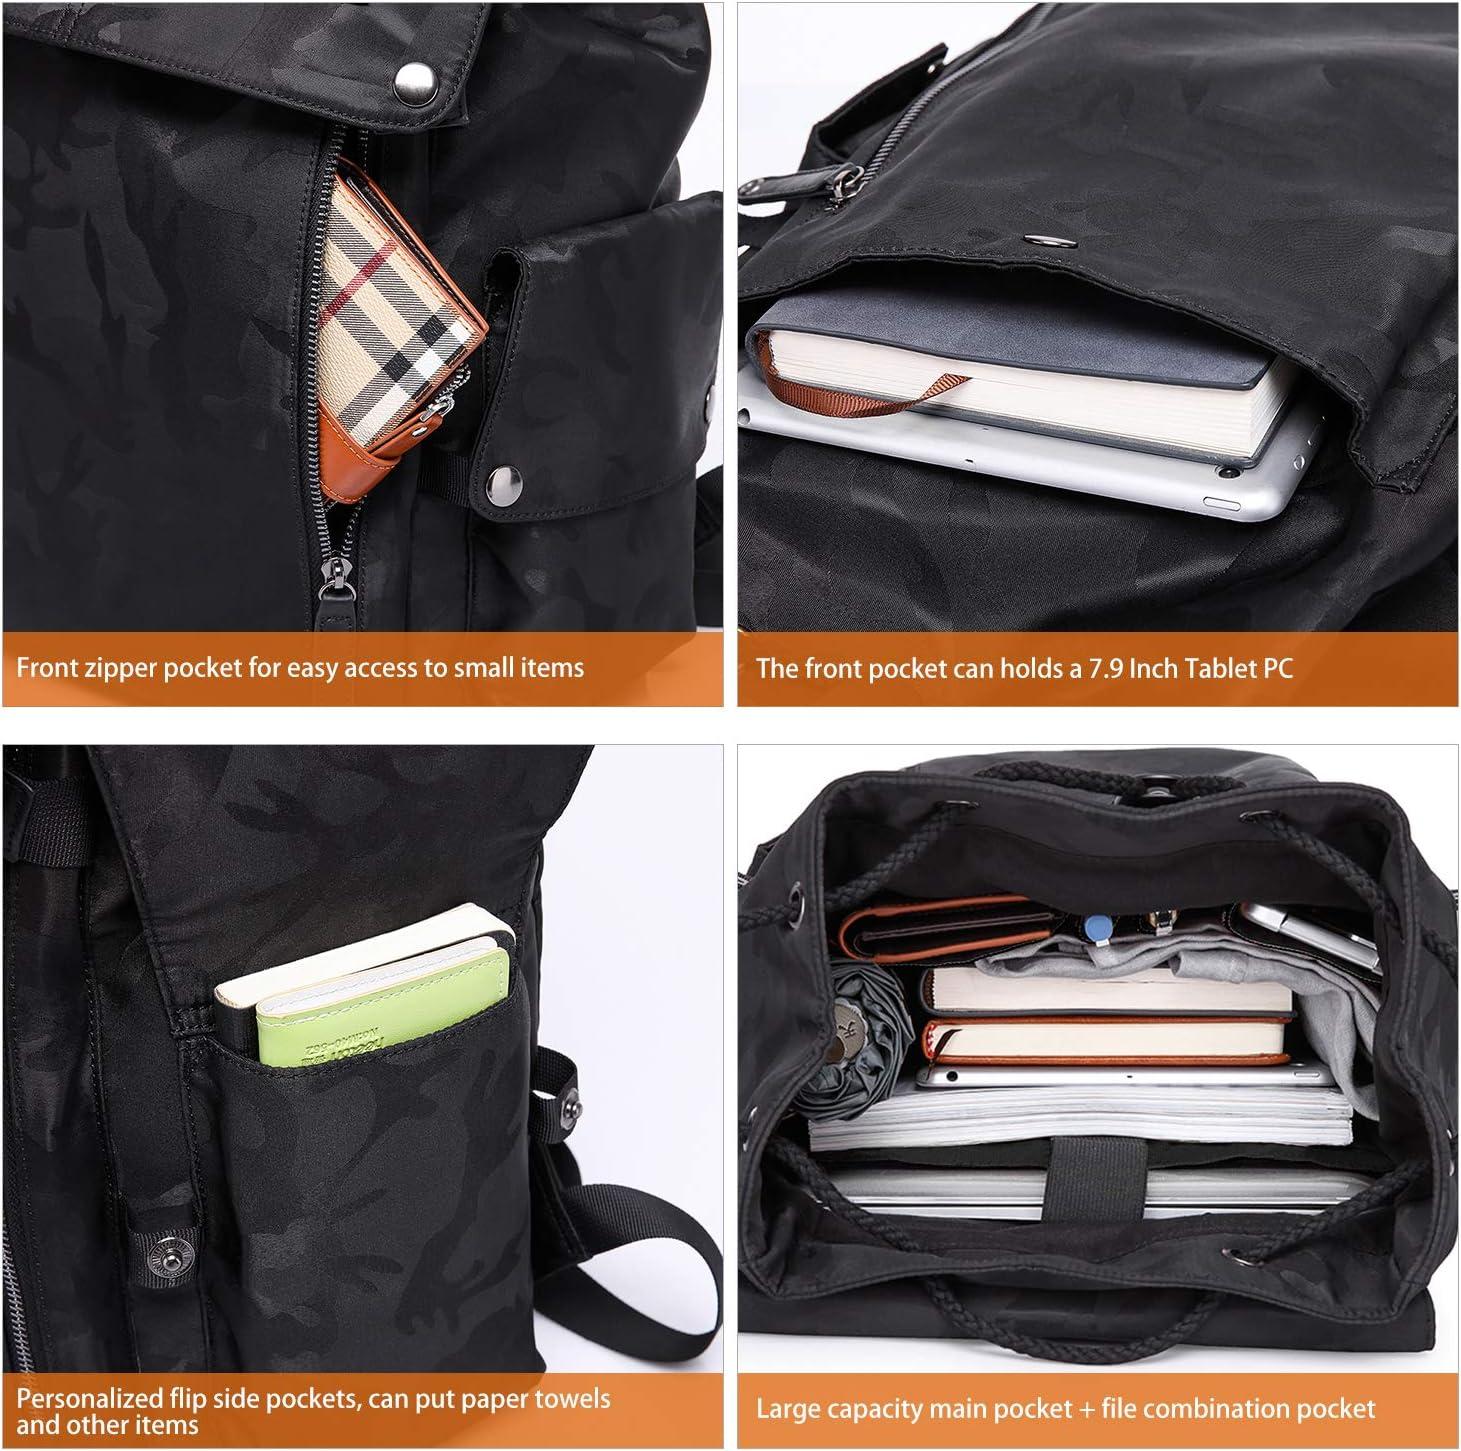 Wind Took Mochila Universitaria Mujer de Lona 15.6 Pulgadas Mochila Ordenador Portatil con Puerto de USB para Escolares Mochila de Hombre Multiusos Dackpack para Viaje Trabajo BLU